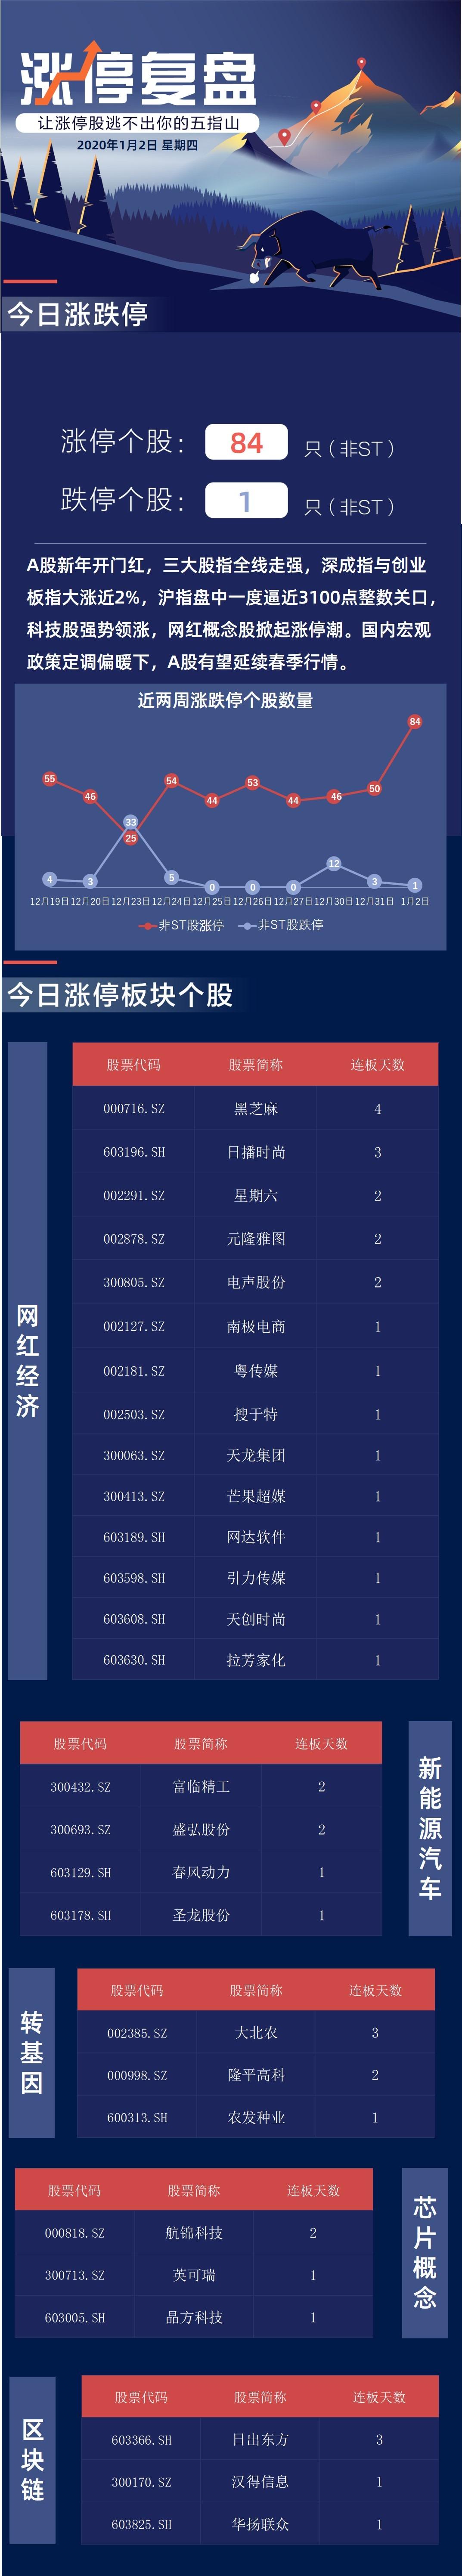 申万宏源桂浩明:期待科创板首例并购的规范效应